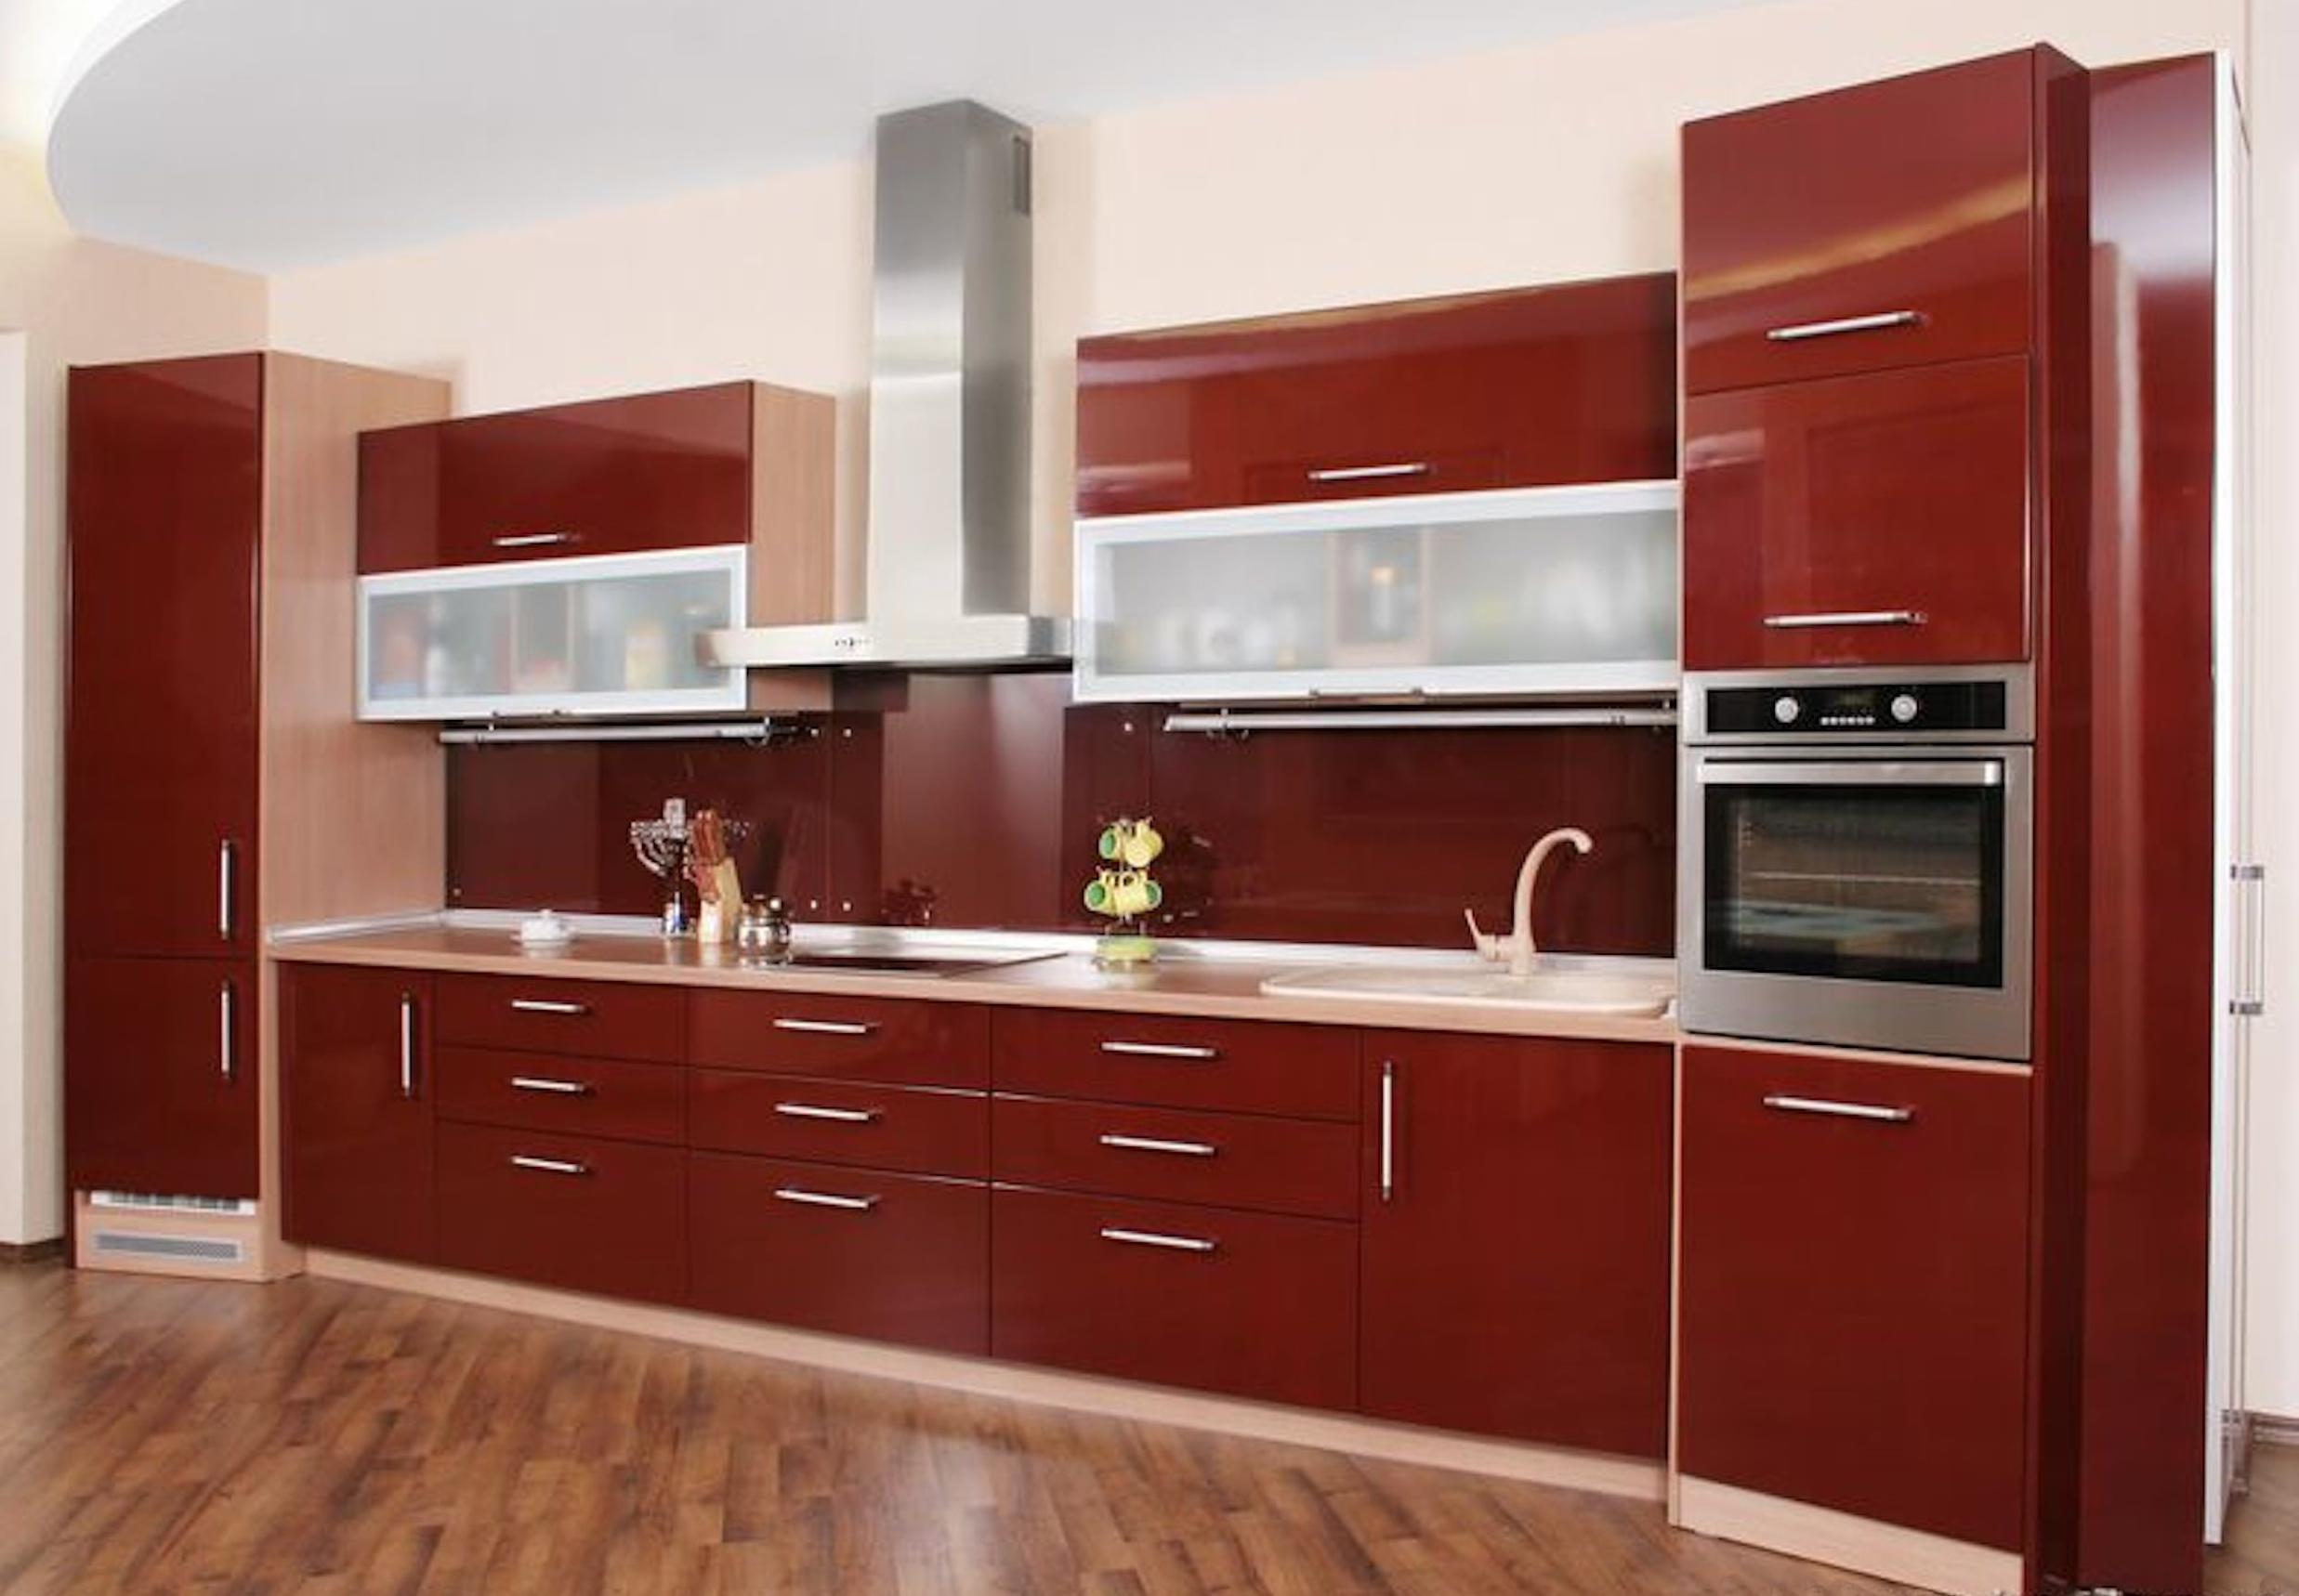 Mẫu tủ bếp đẹp bằng nhôm kính